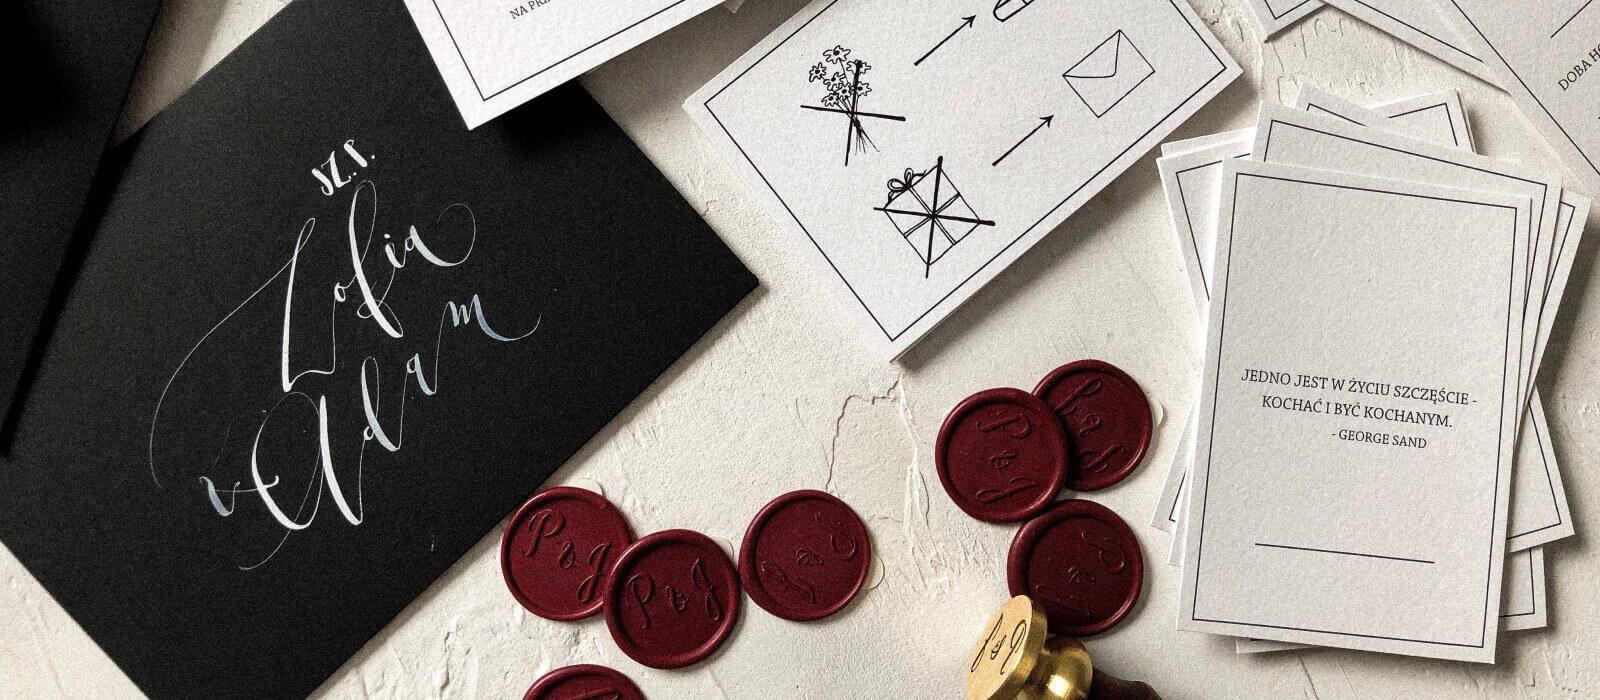 jak powstaja zaproszenia slubne _ design your wedding